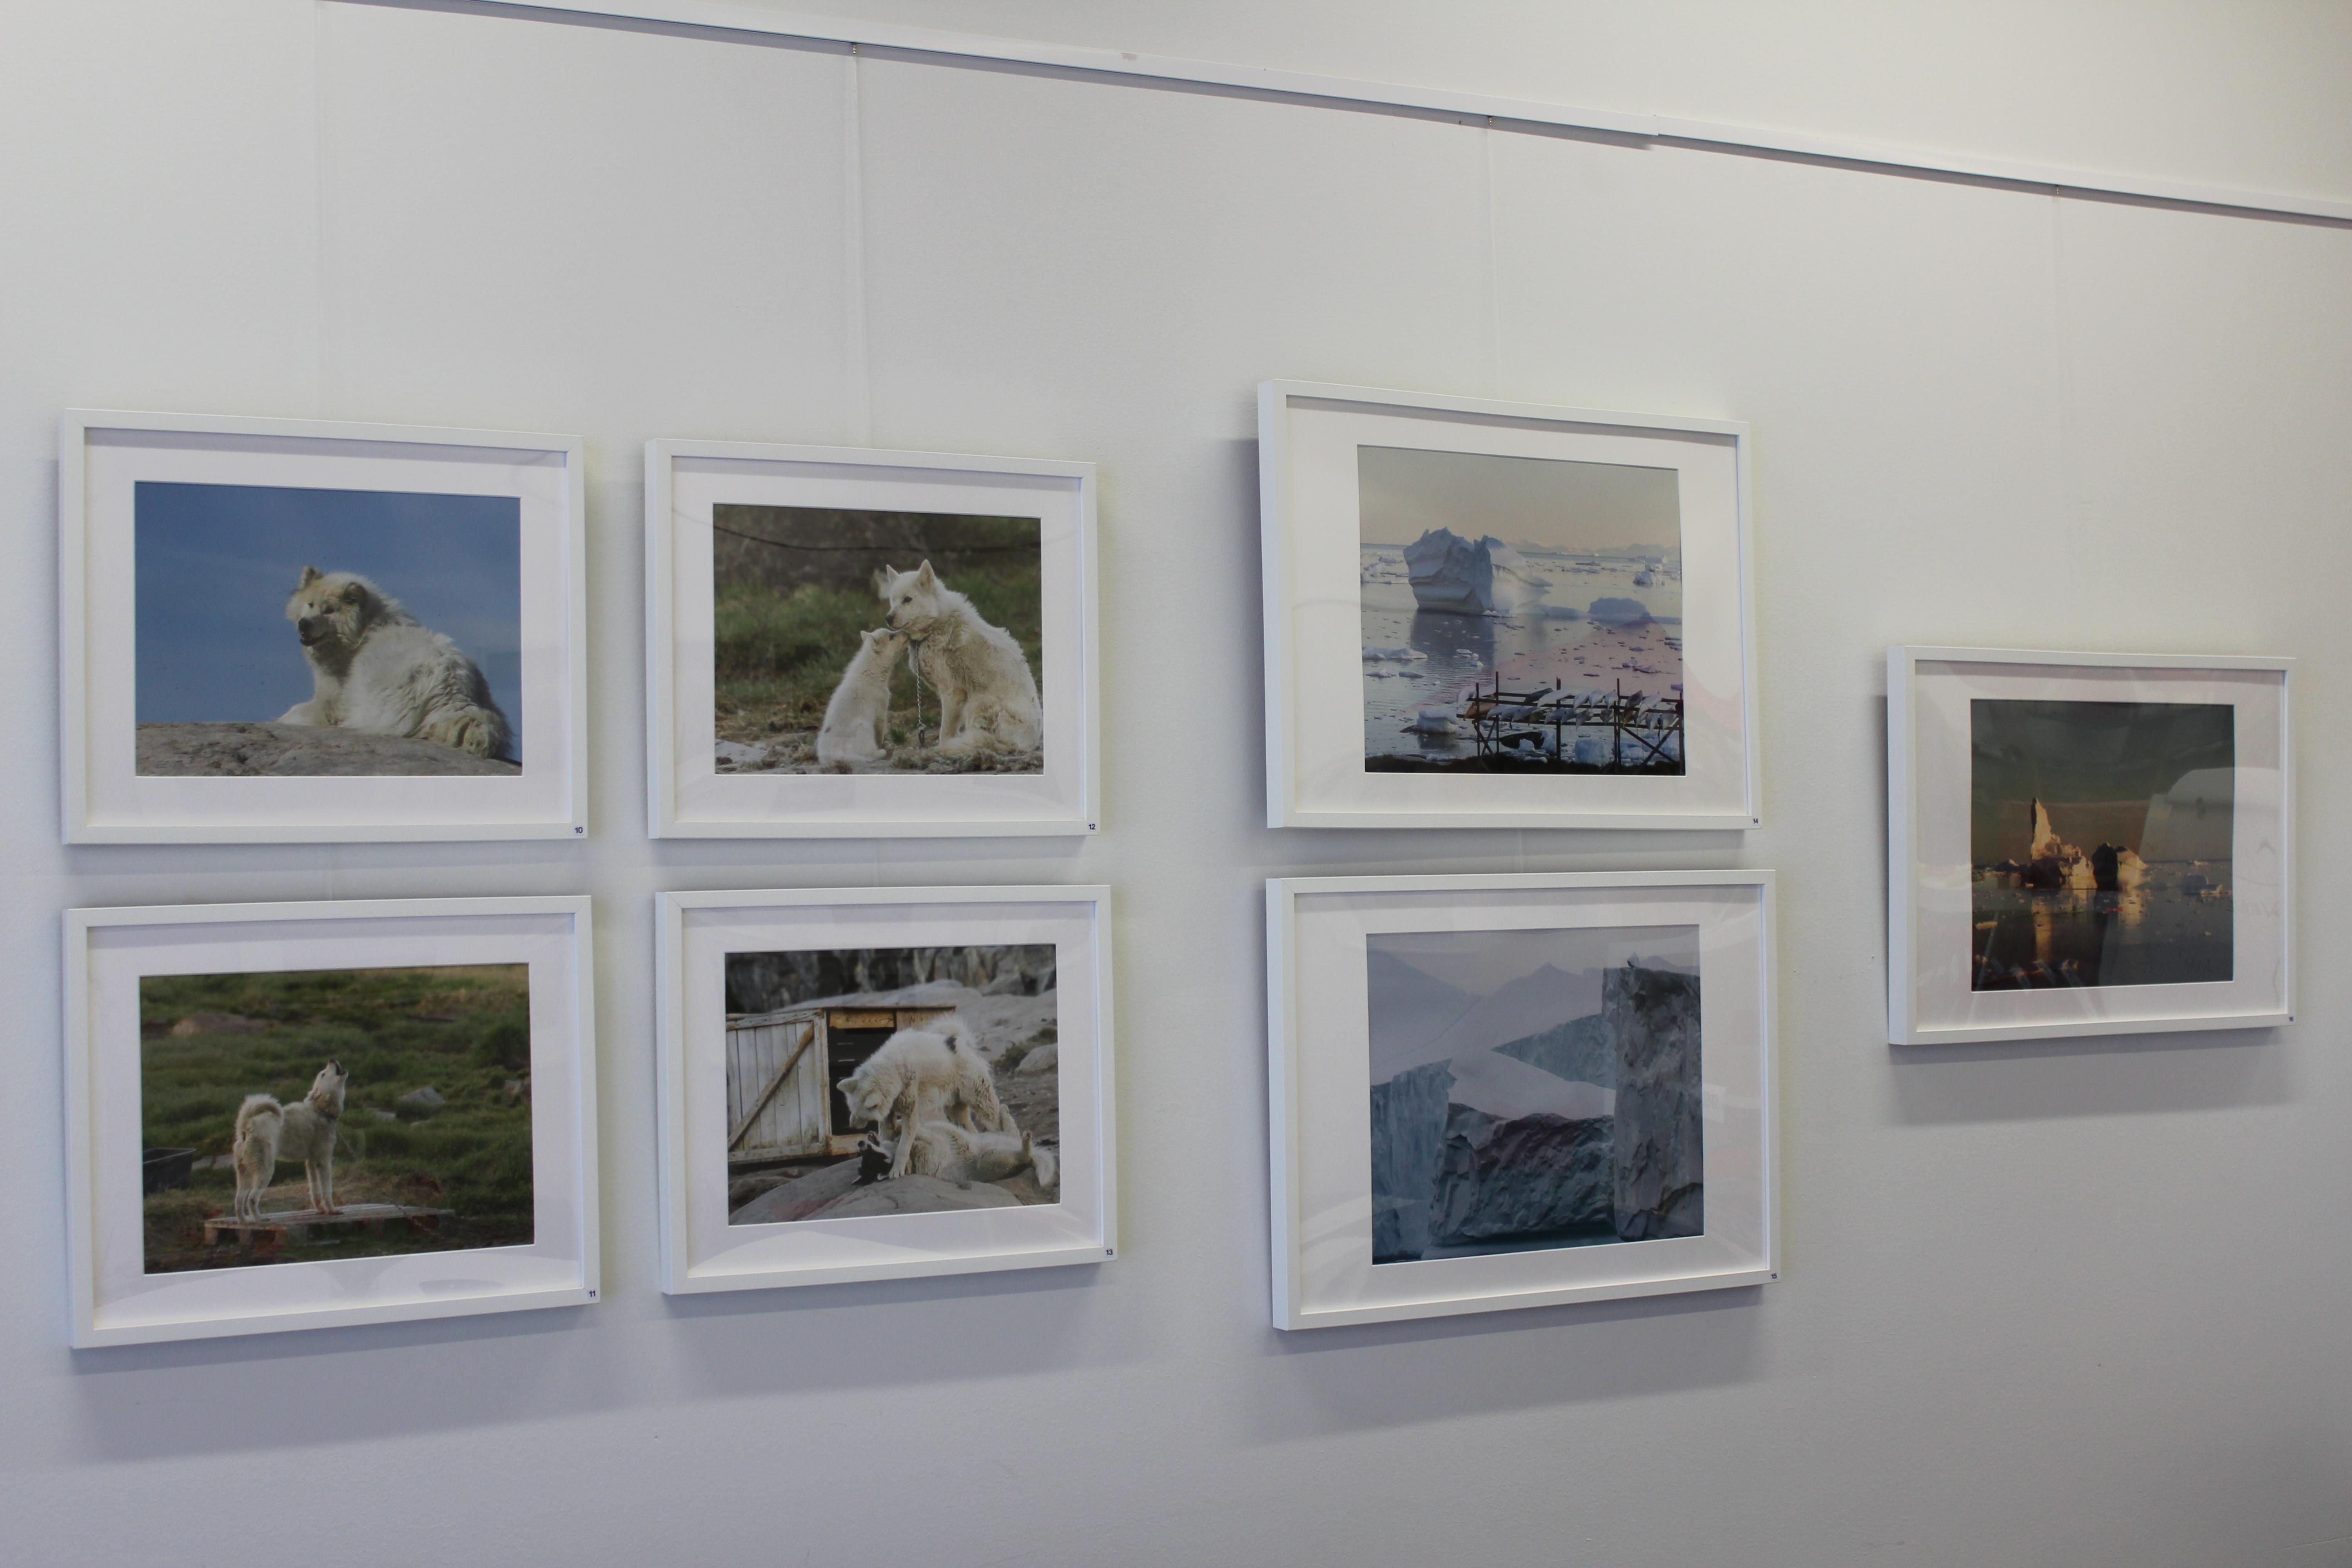 Slädhundar och isberg fångade i fotografier